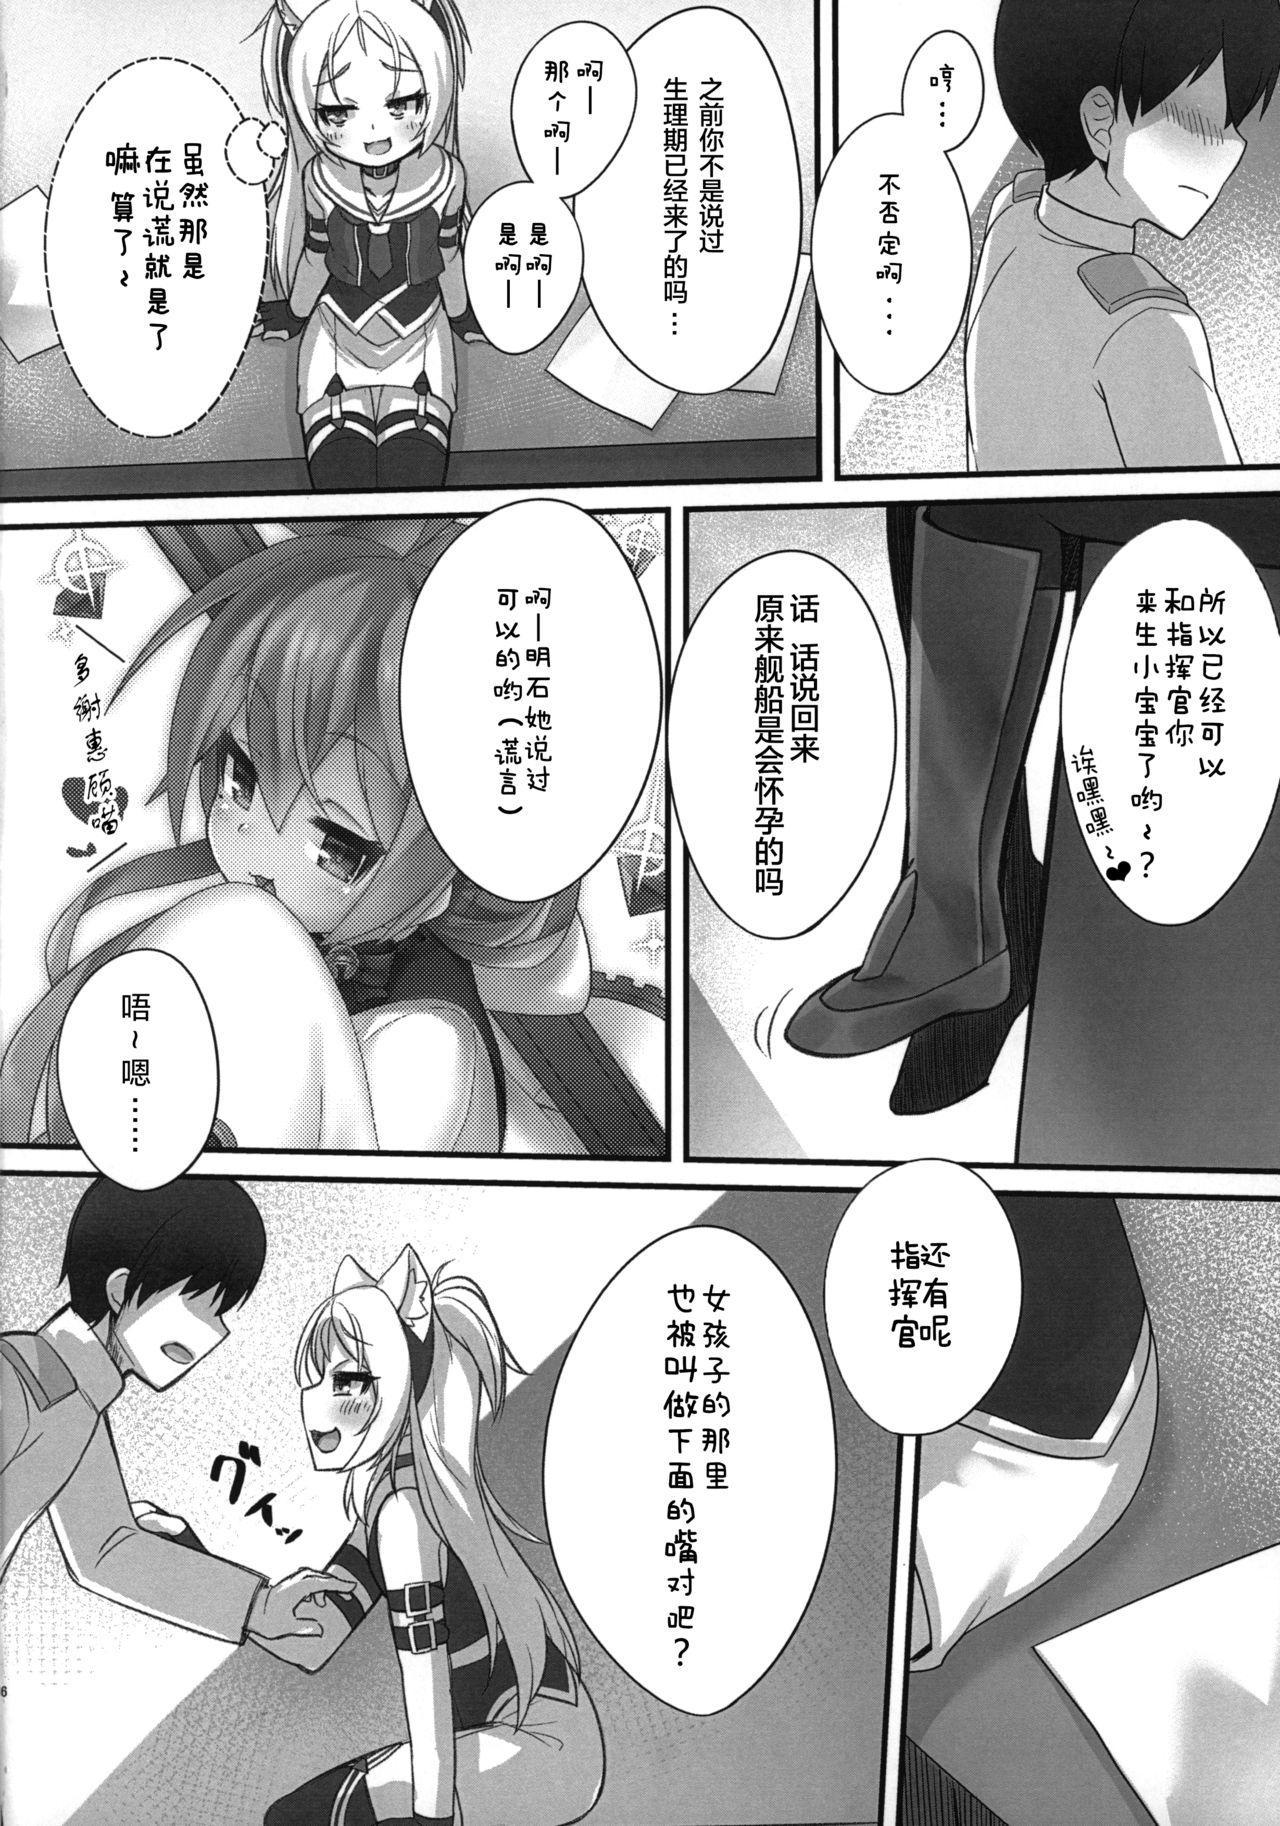 Shikikan-saa~ Kouiu no Suki desho? 11